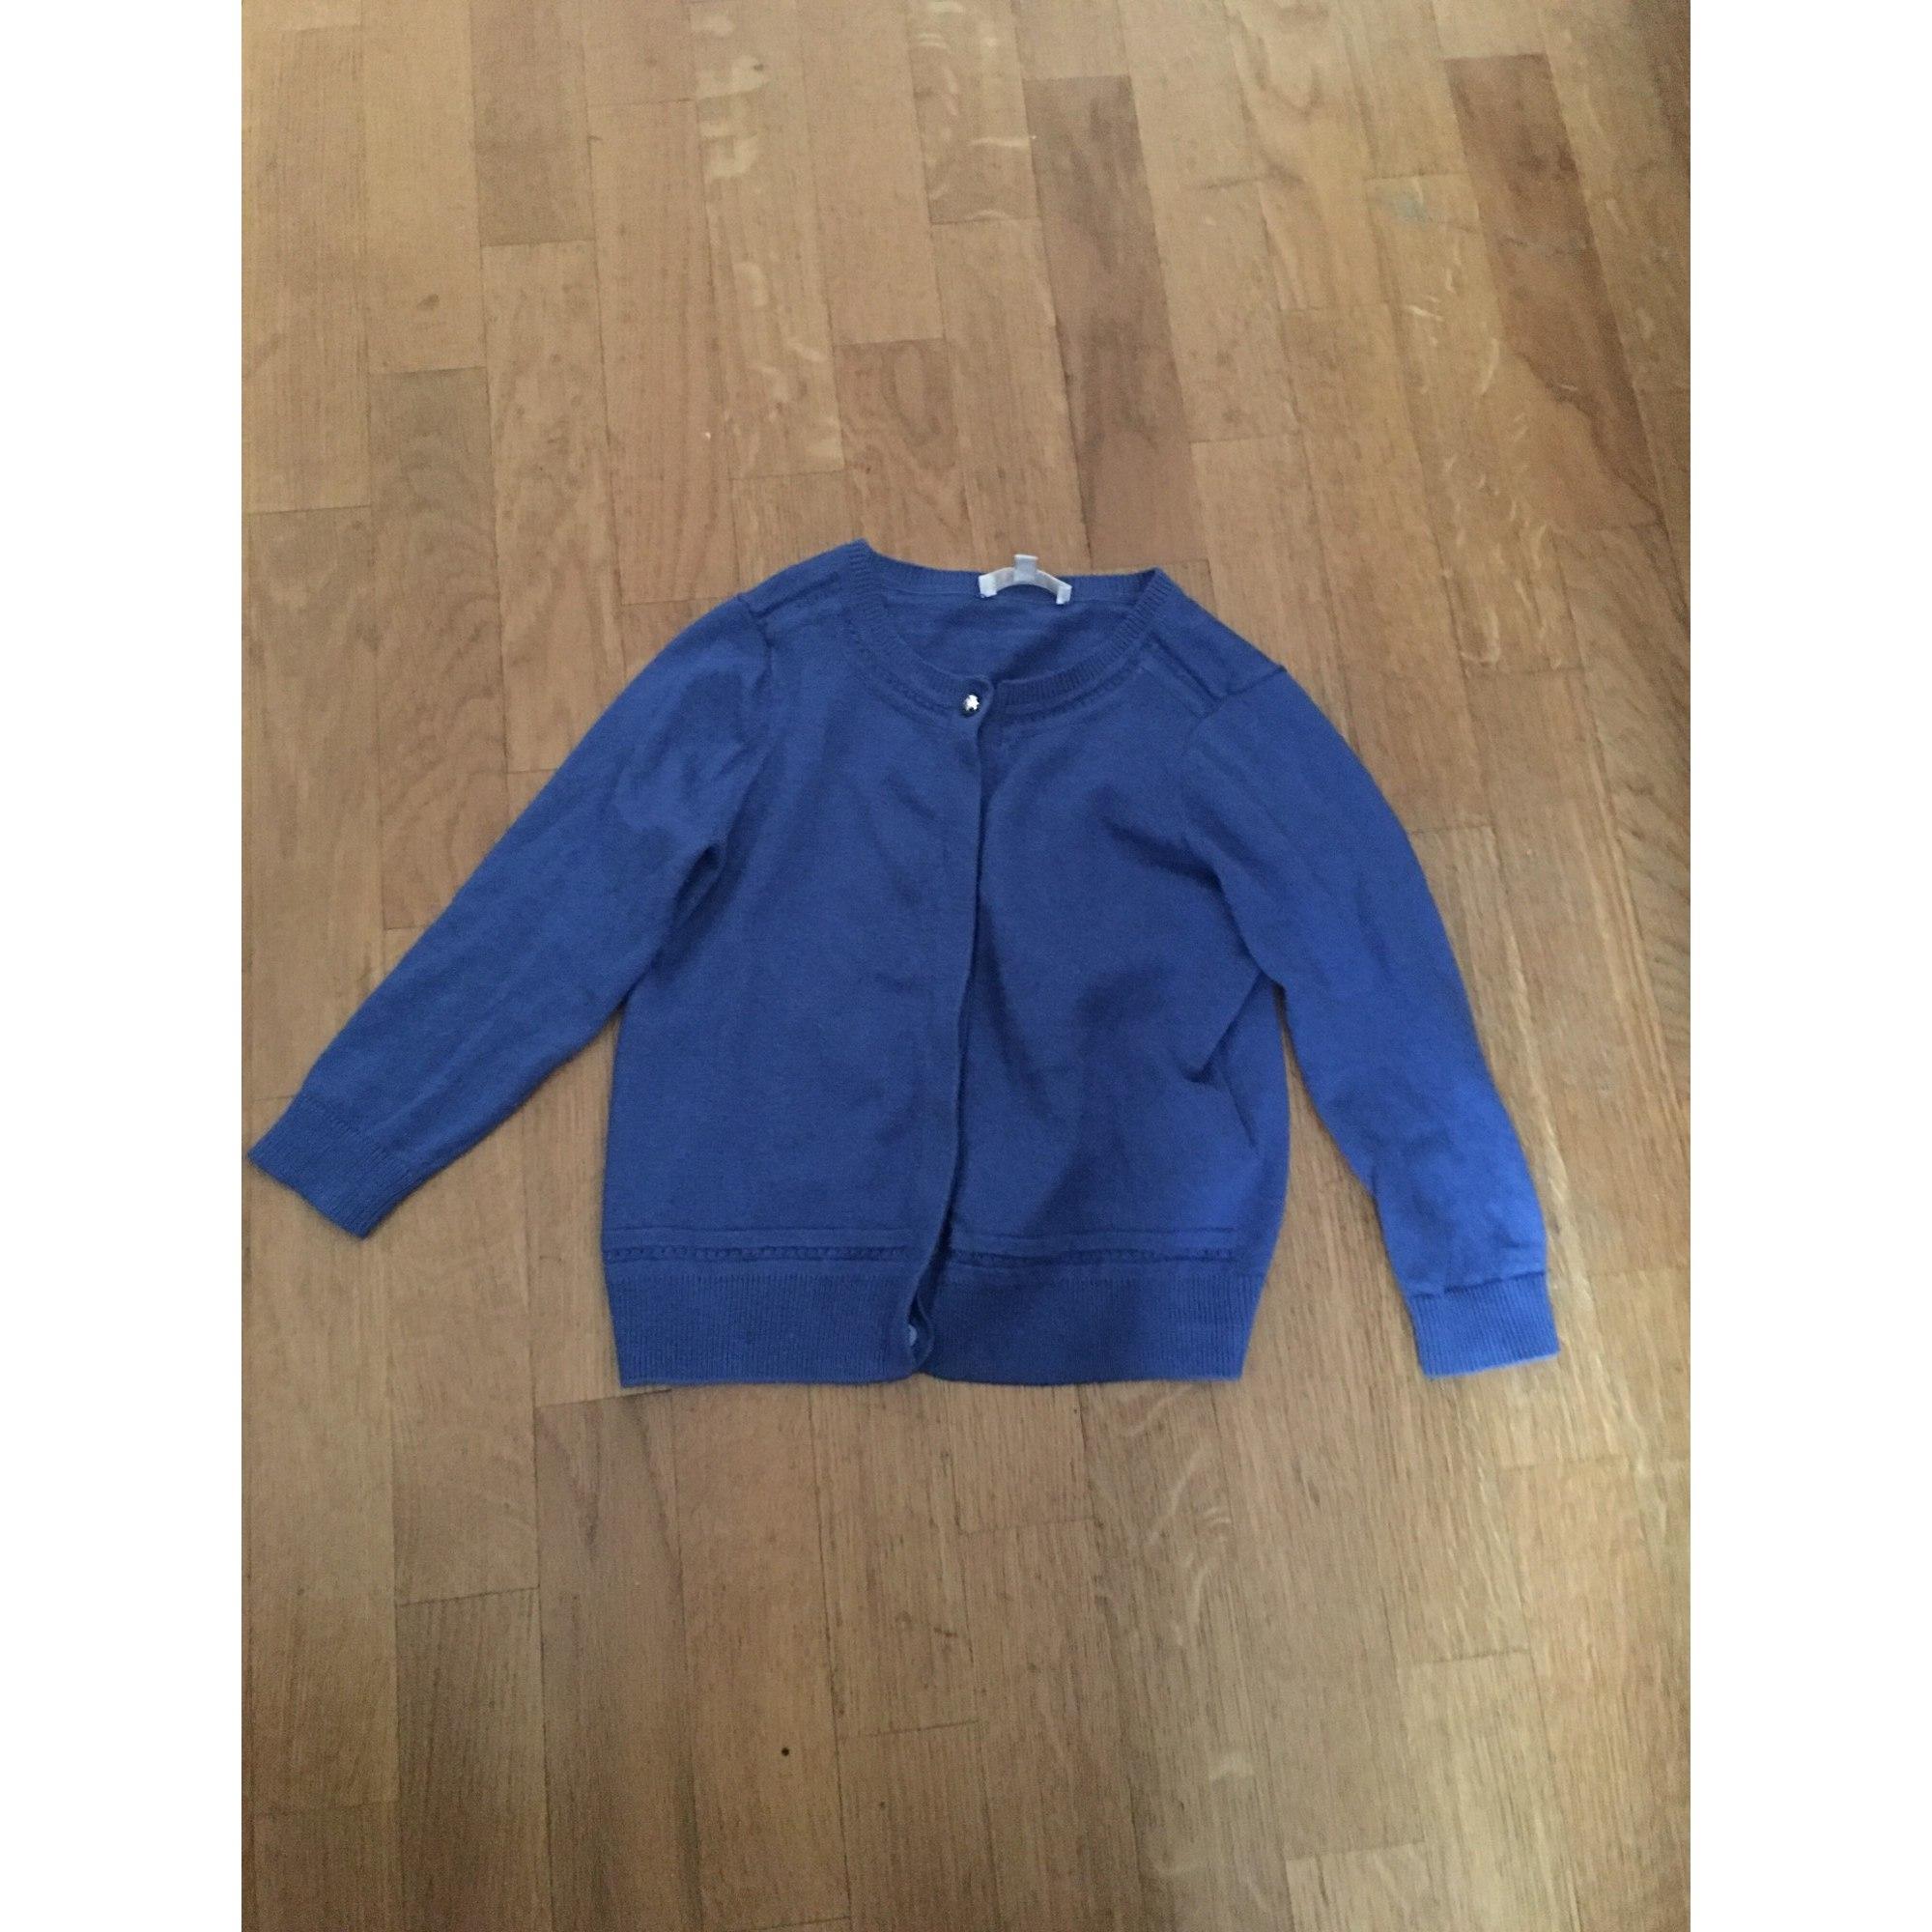 Gilet, cardigan CHLOÉ Bleu, bleu marine, bleu turquoise